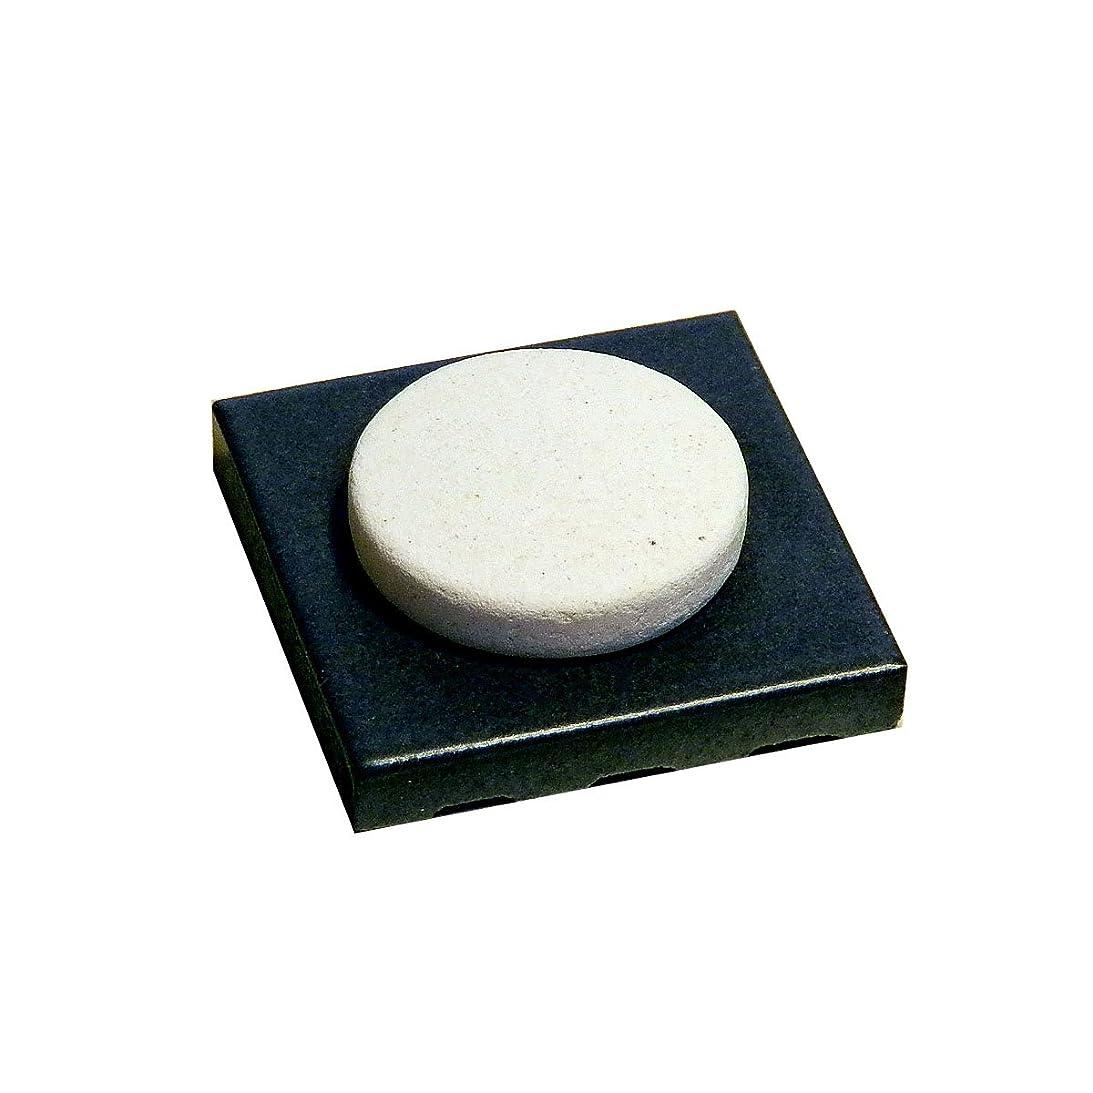 系統的遺伝子インスタンス〔立風屋〕珪藻土アロマプレート美濃焼タイルセット ブラック(黒) RPAP-01003-BK